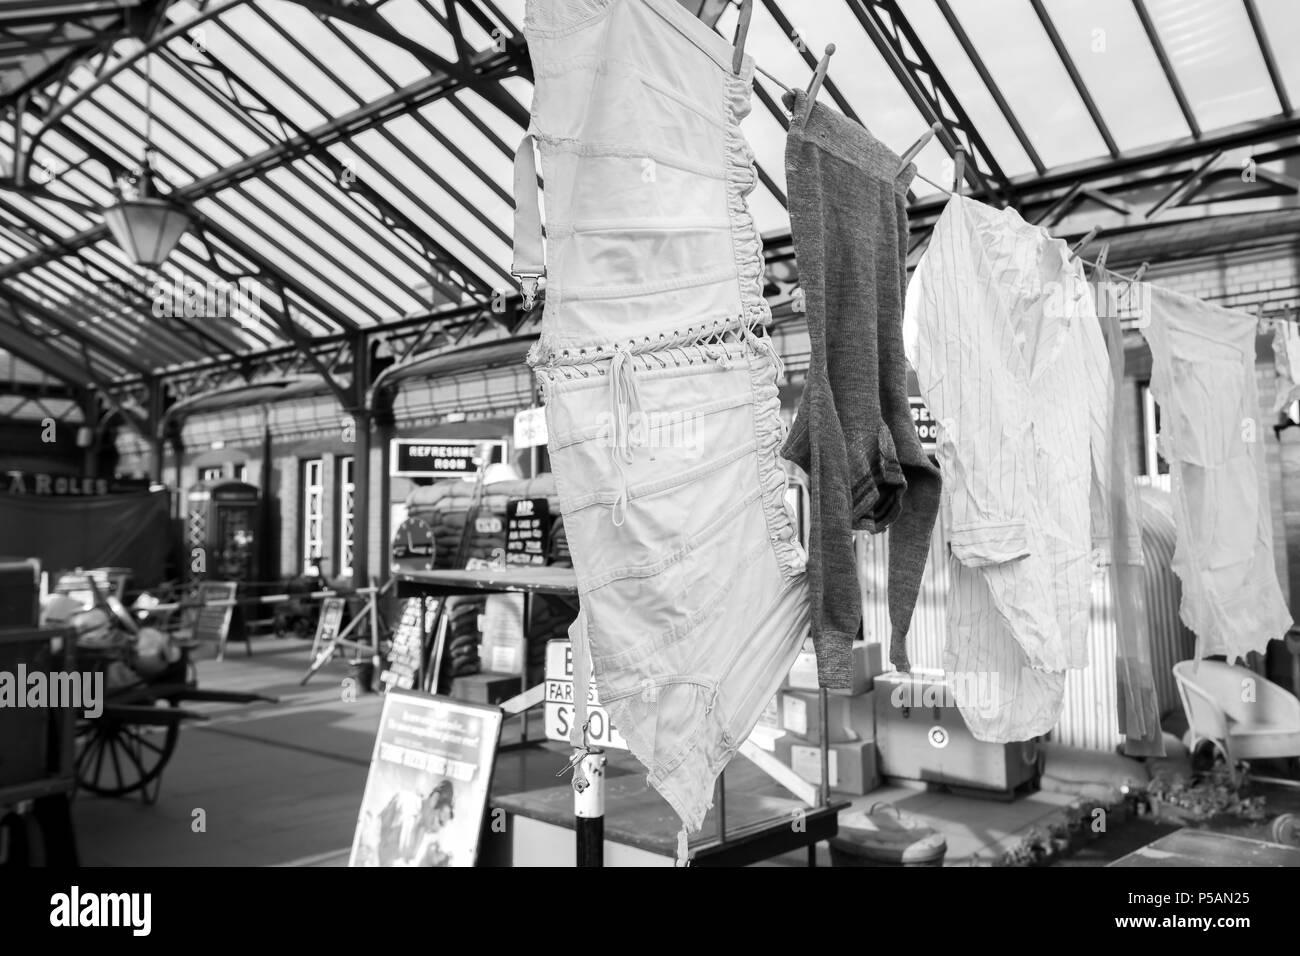 Severn Valley Railway, Kidderminster stazione. Periodo artefatti da 1940s sul display nel foyer del patrimonio come azienda ferroviaria si prepara per un evento speciale. Foto Stock